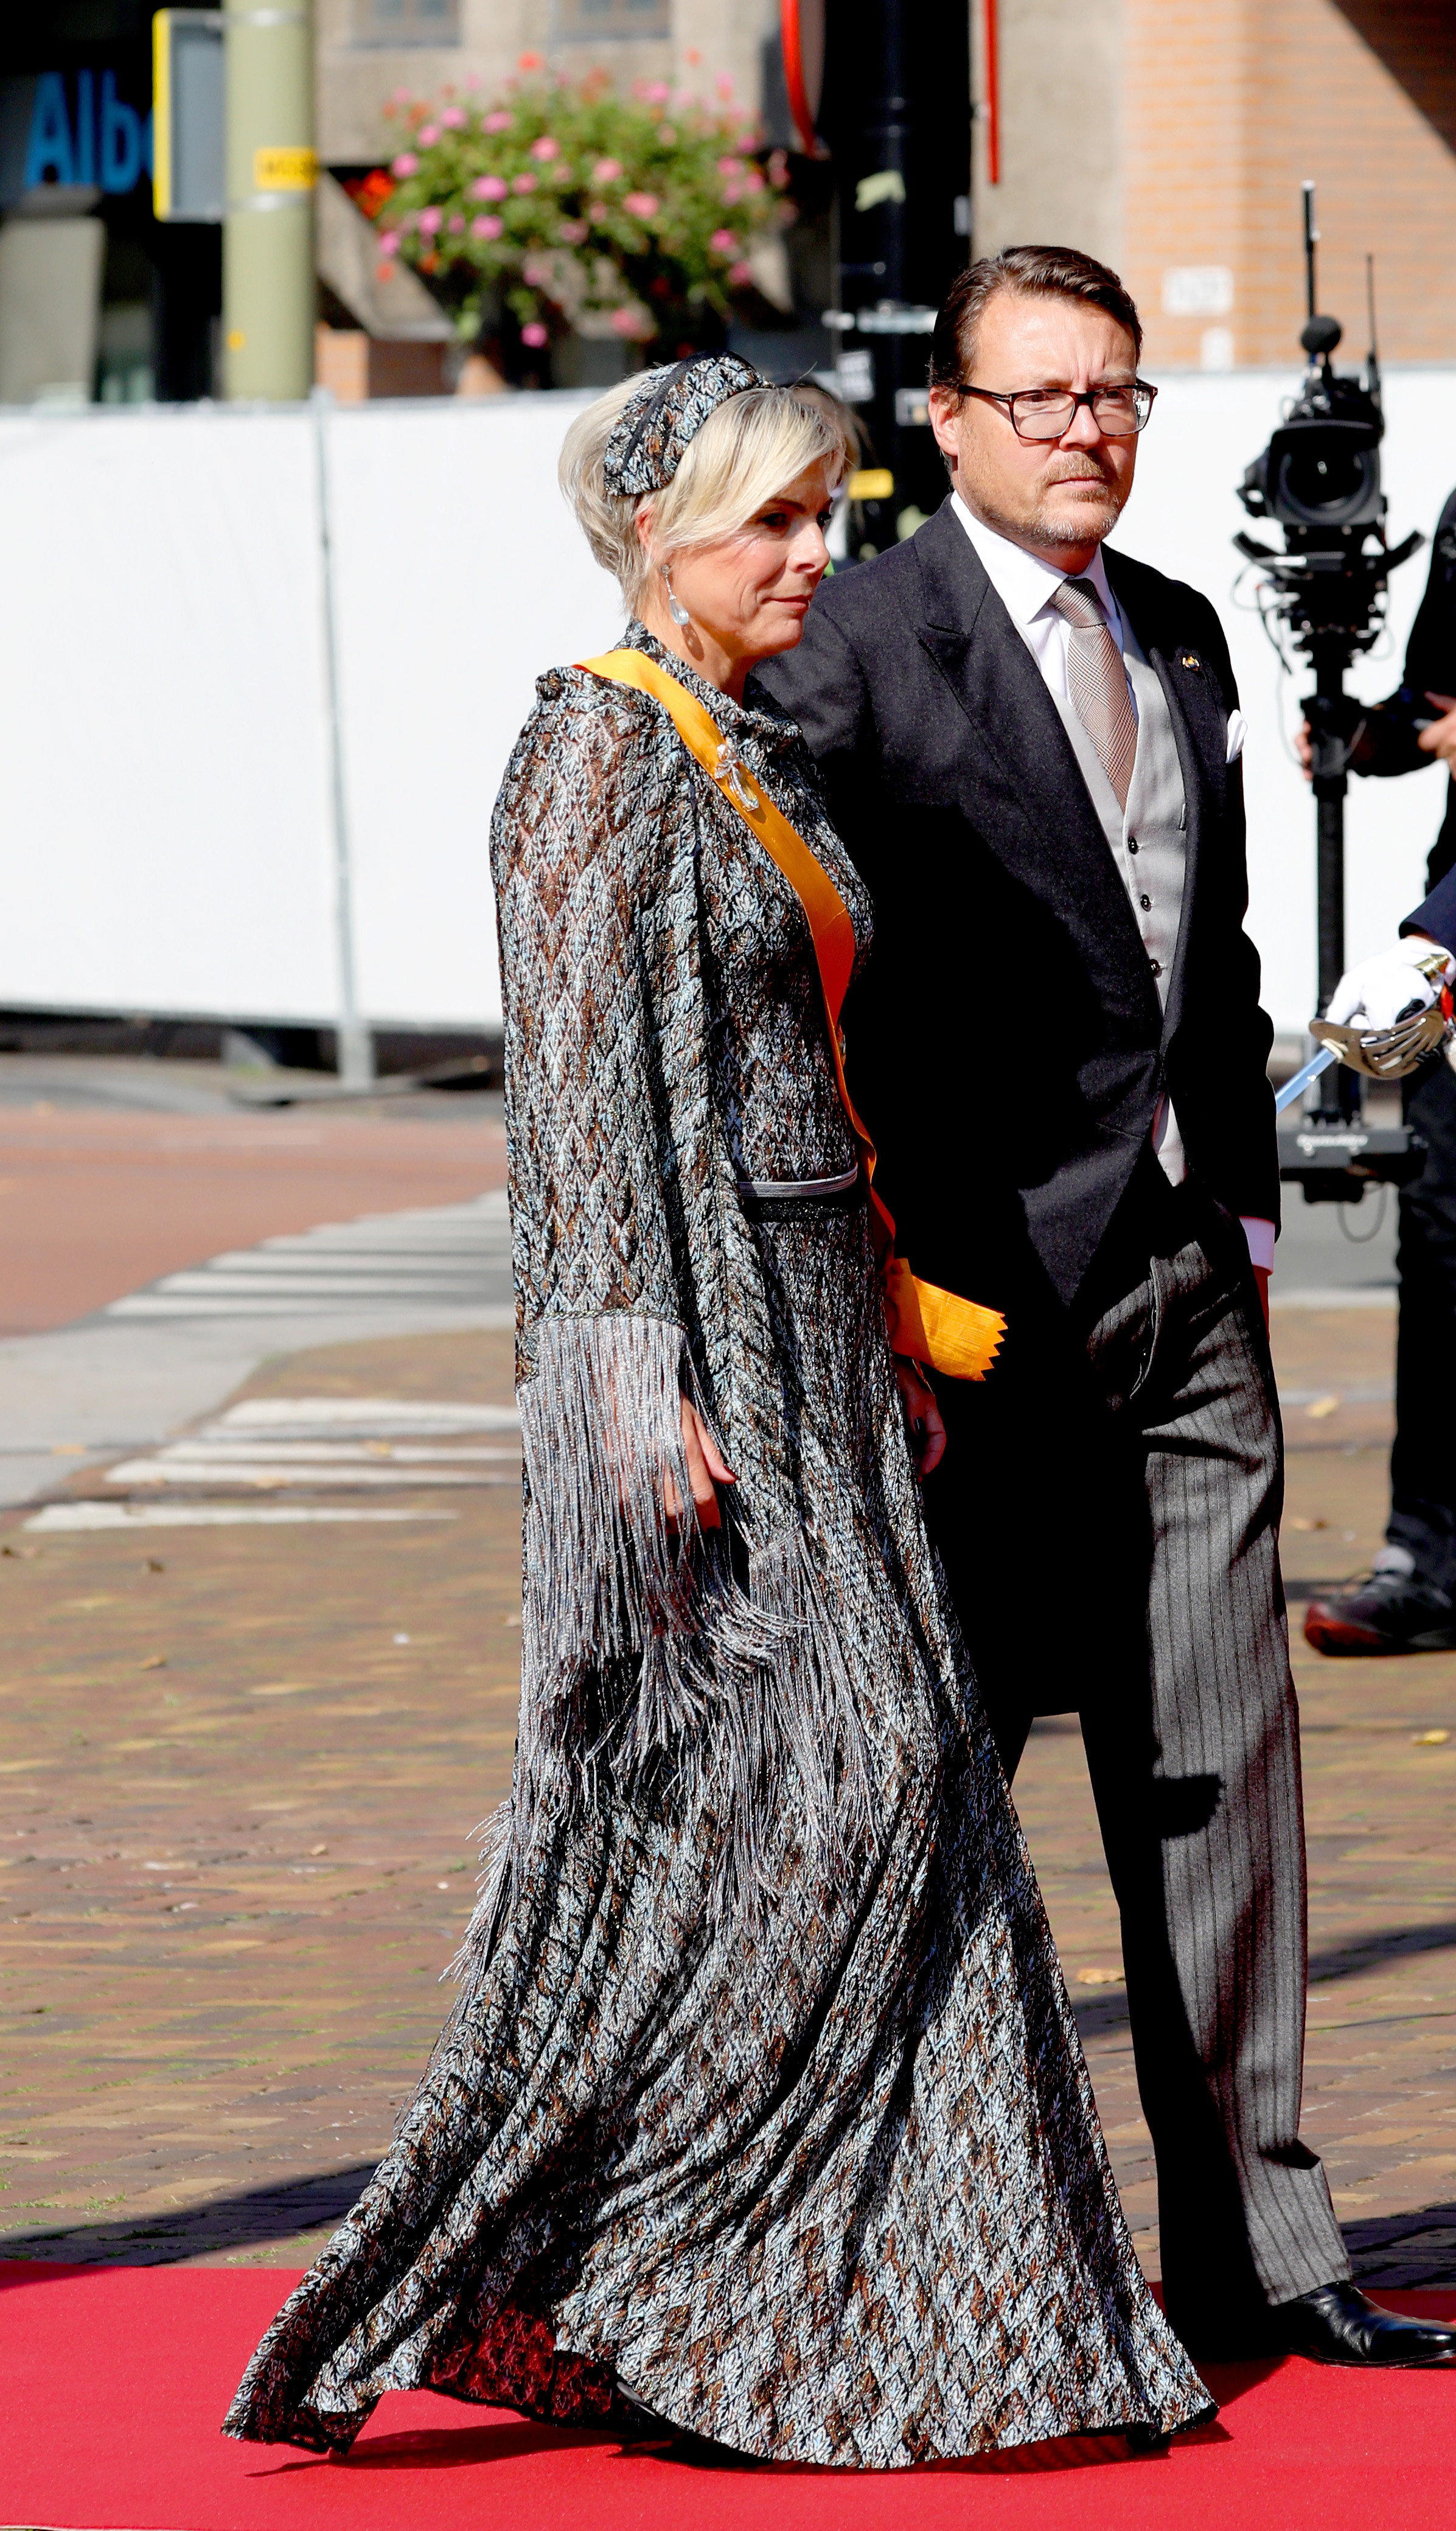 Prinzessin Laurentien in einem auffälligen Kleid am Prinzentag.